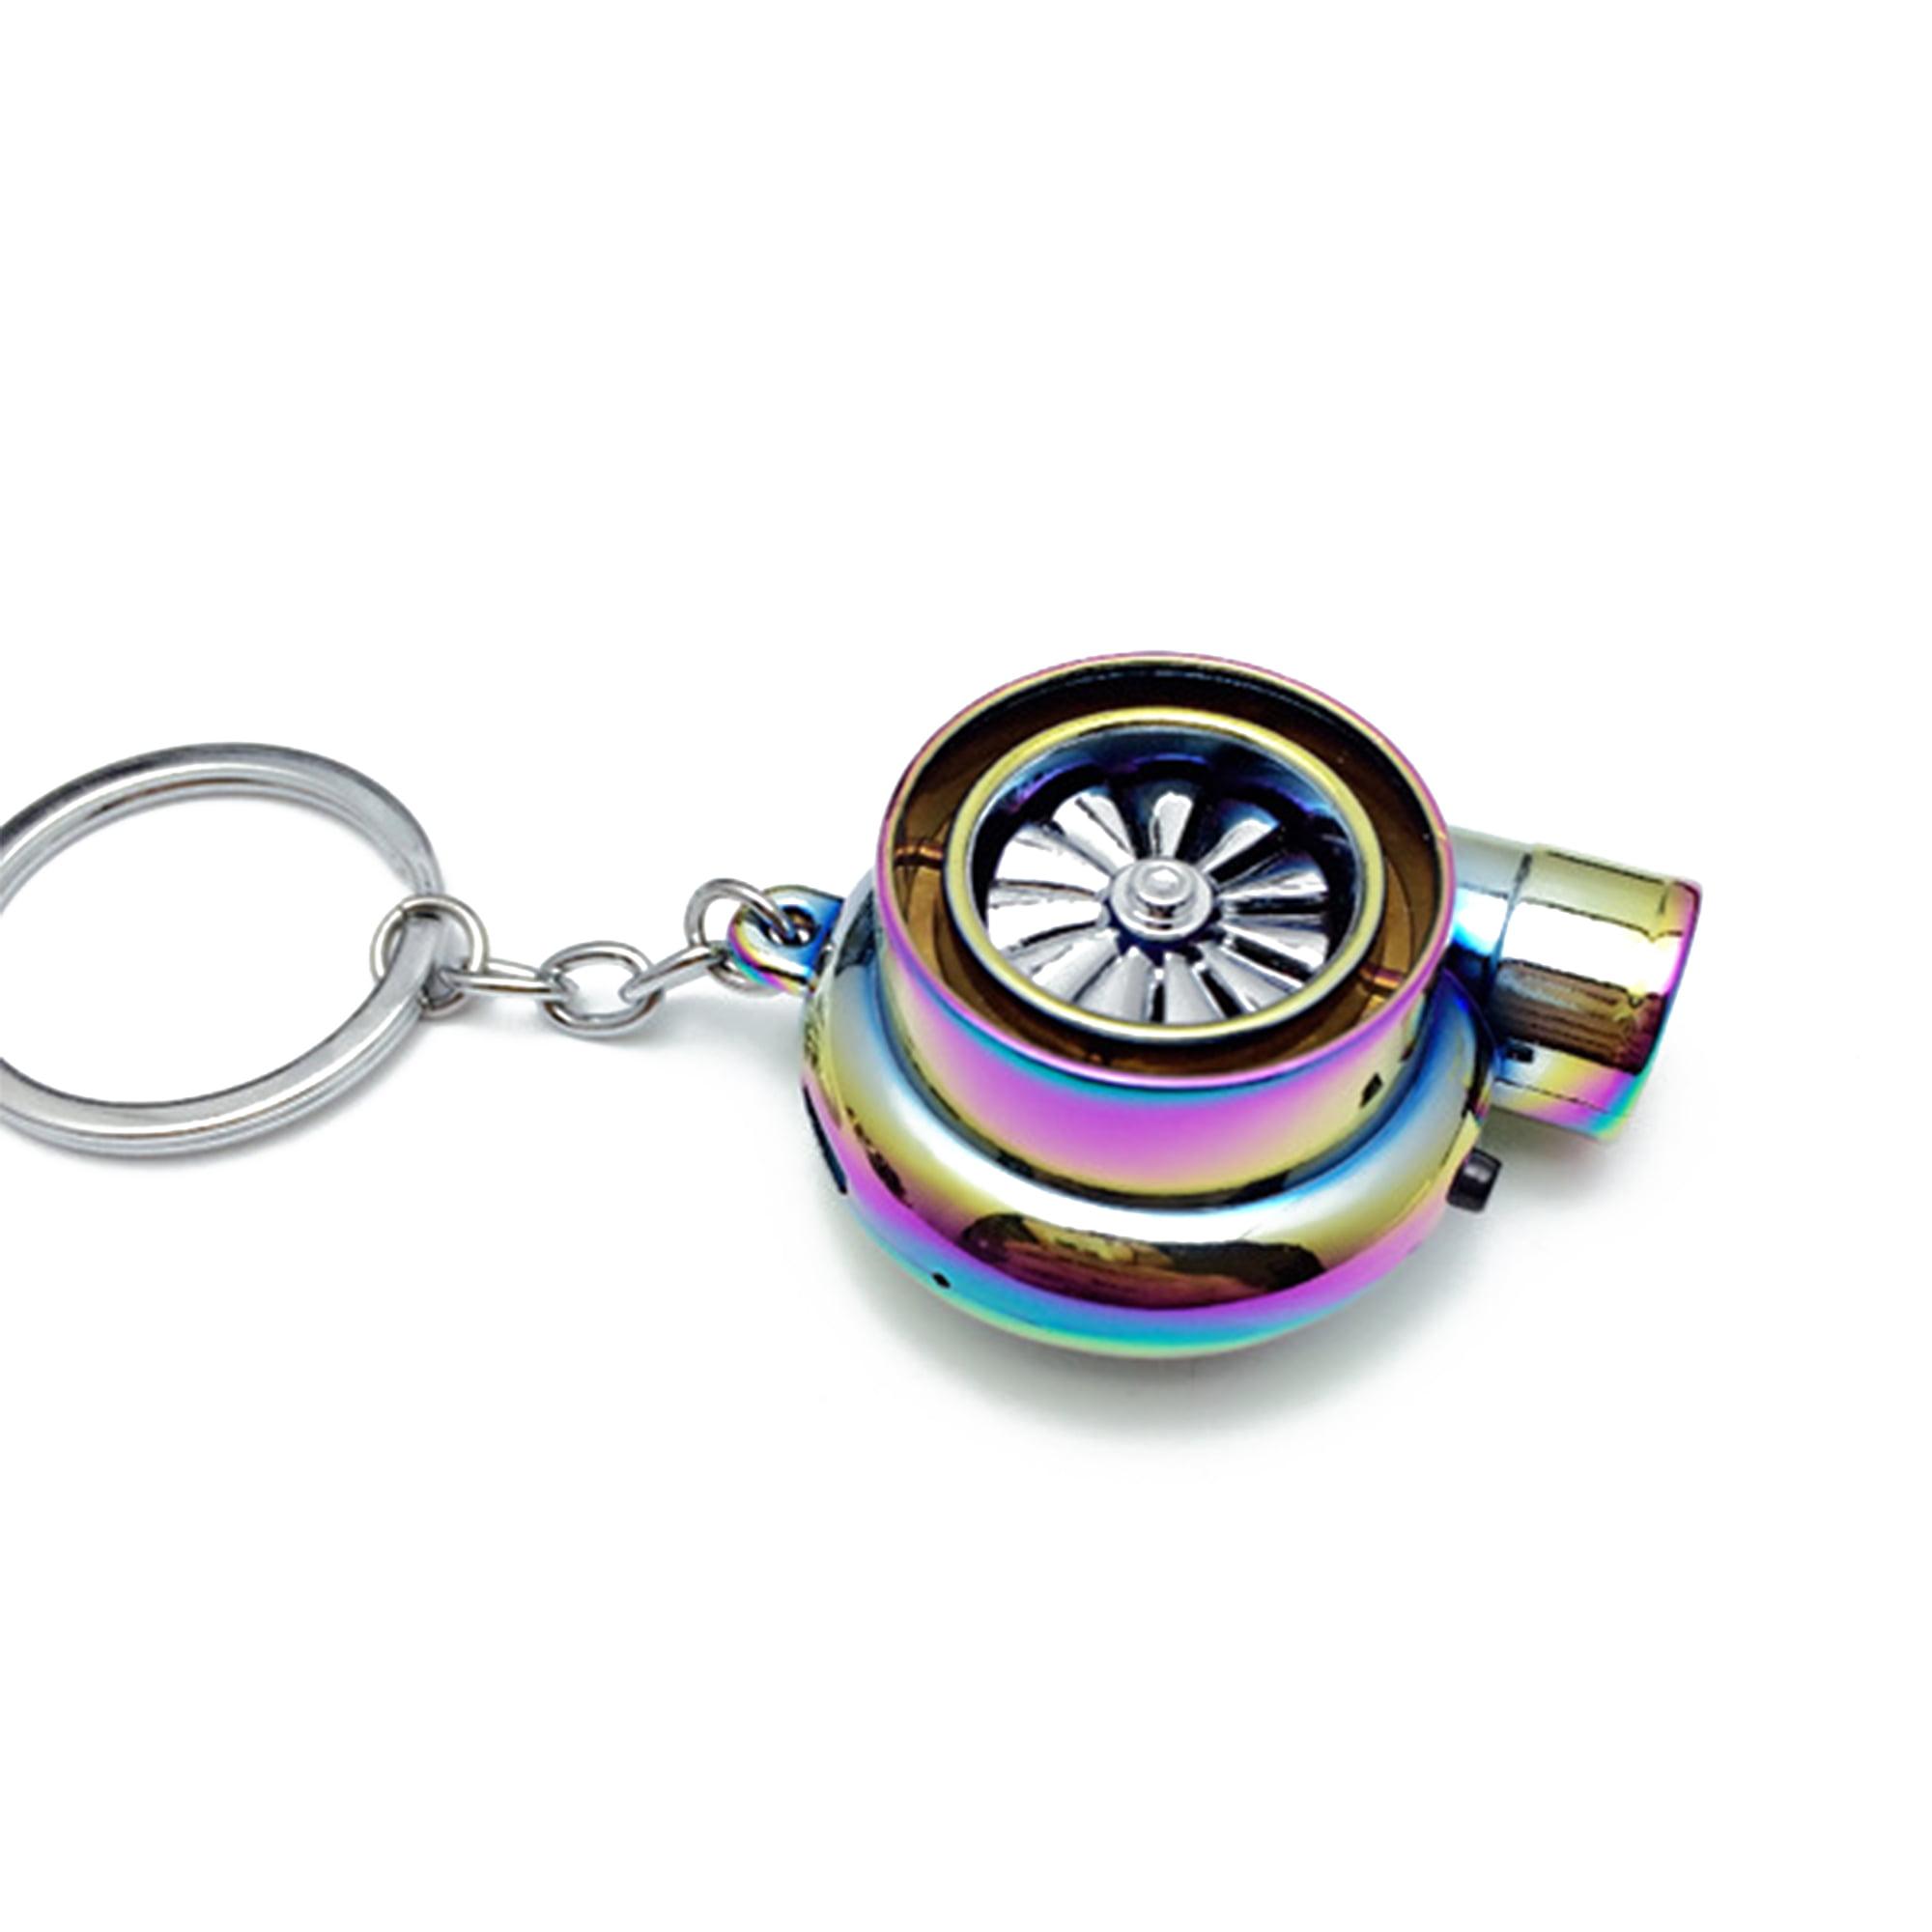 Cute keychain Car keychain Mens or Womens keychain, Hot Tubor car keychain Spa gift,Spa hot tub,Cute Car keychain Hot Tubo car